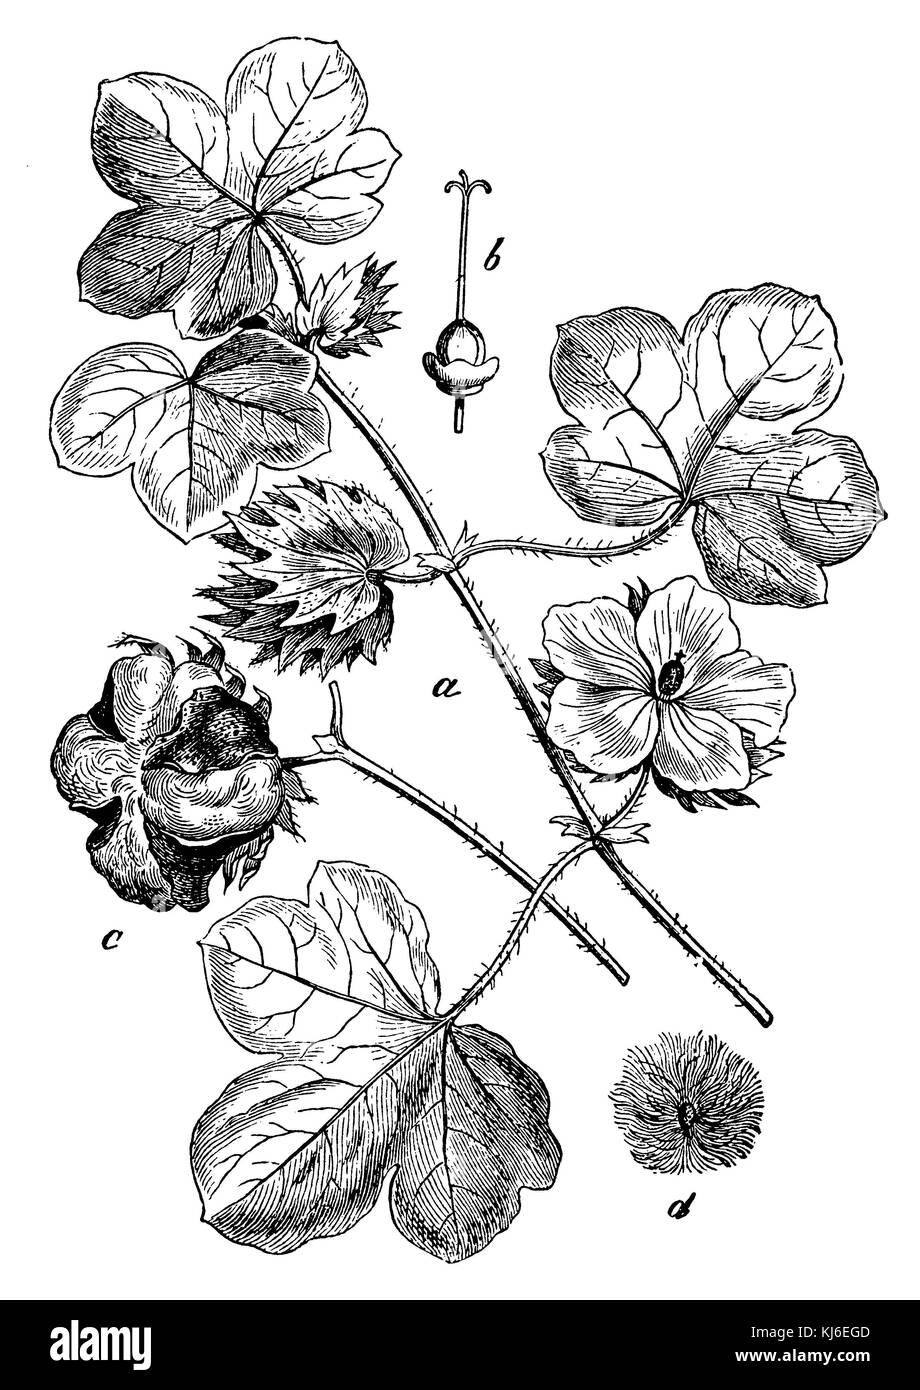 Cotton (Baumwolle <Gossypium herbaceum> a Blütenzweig, b Stempel mit dem Fruchtknoten, c aufgesprungene - Stock Image